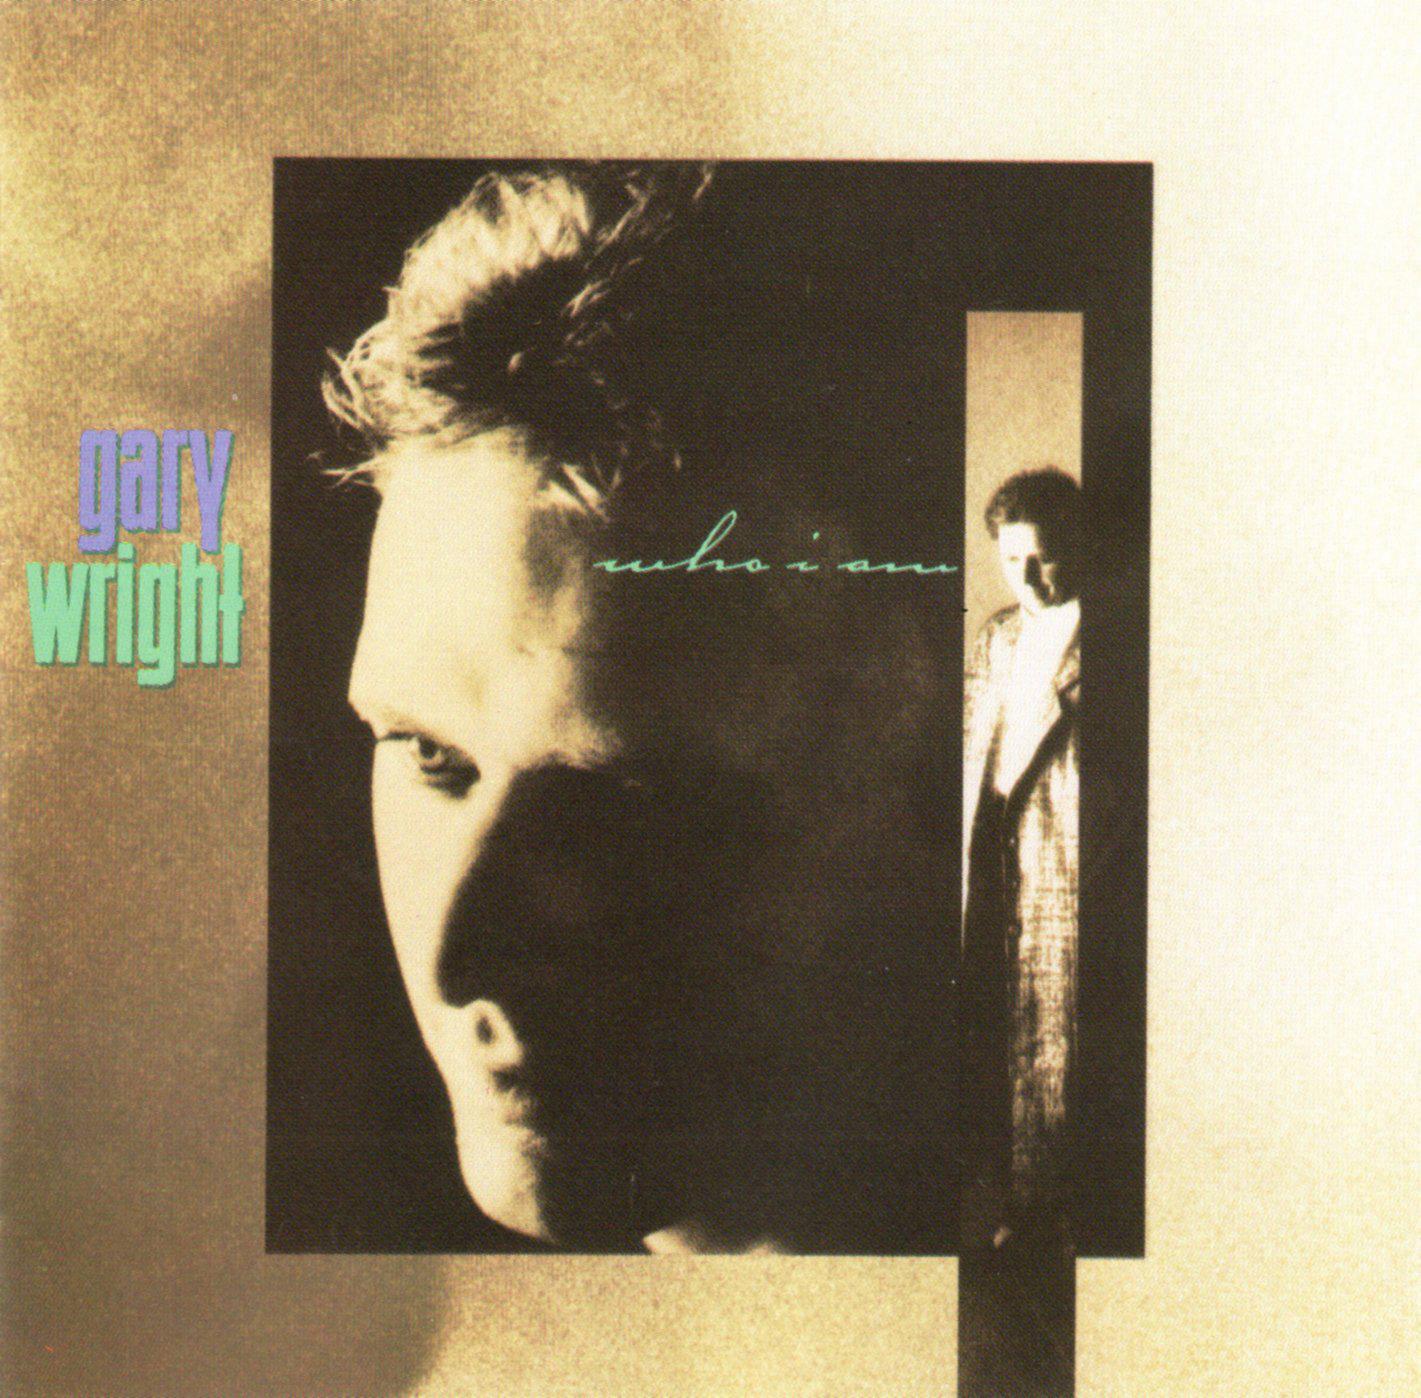 1988 Gary Wright – Who I Am